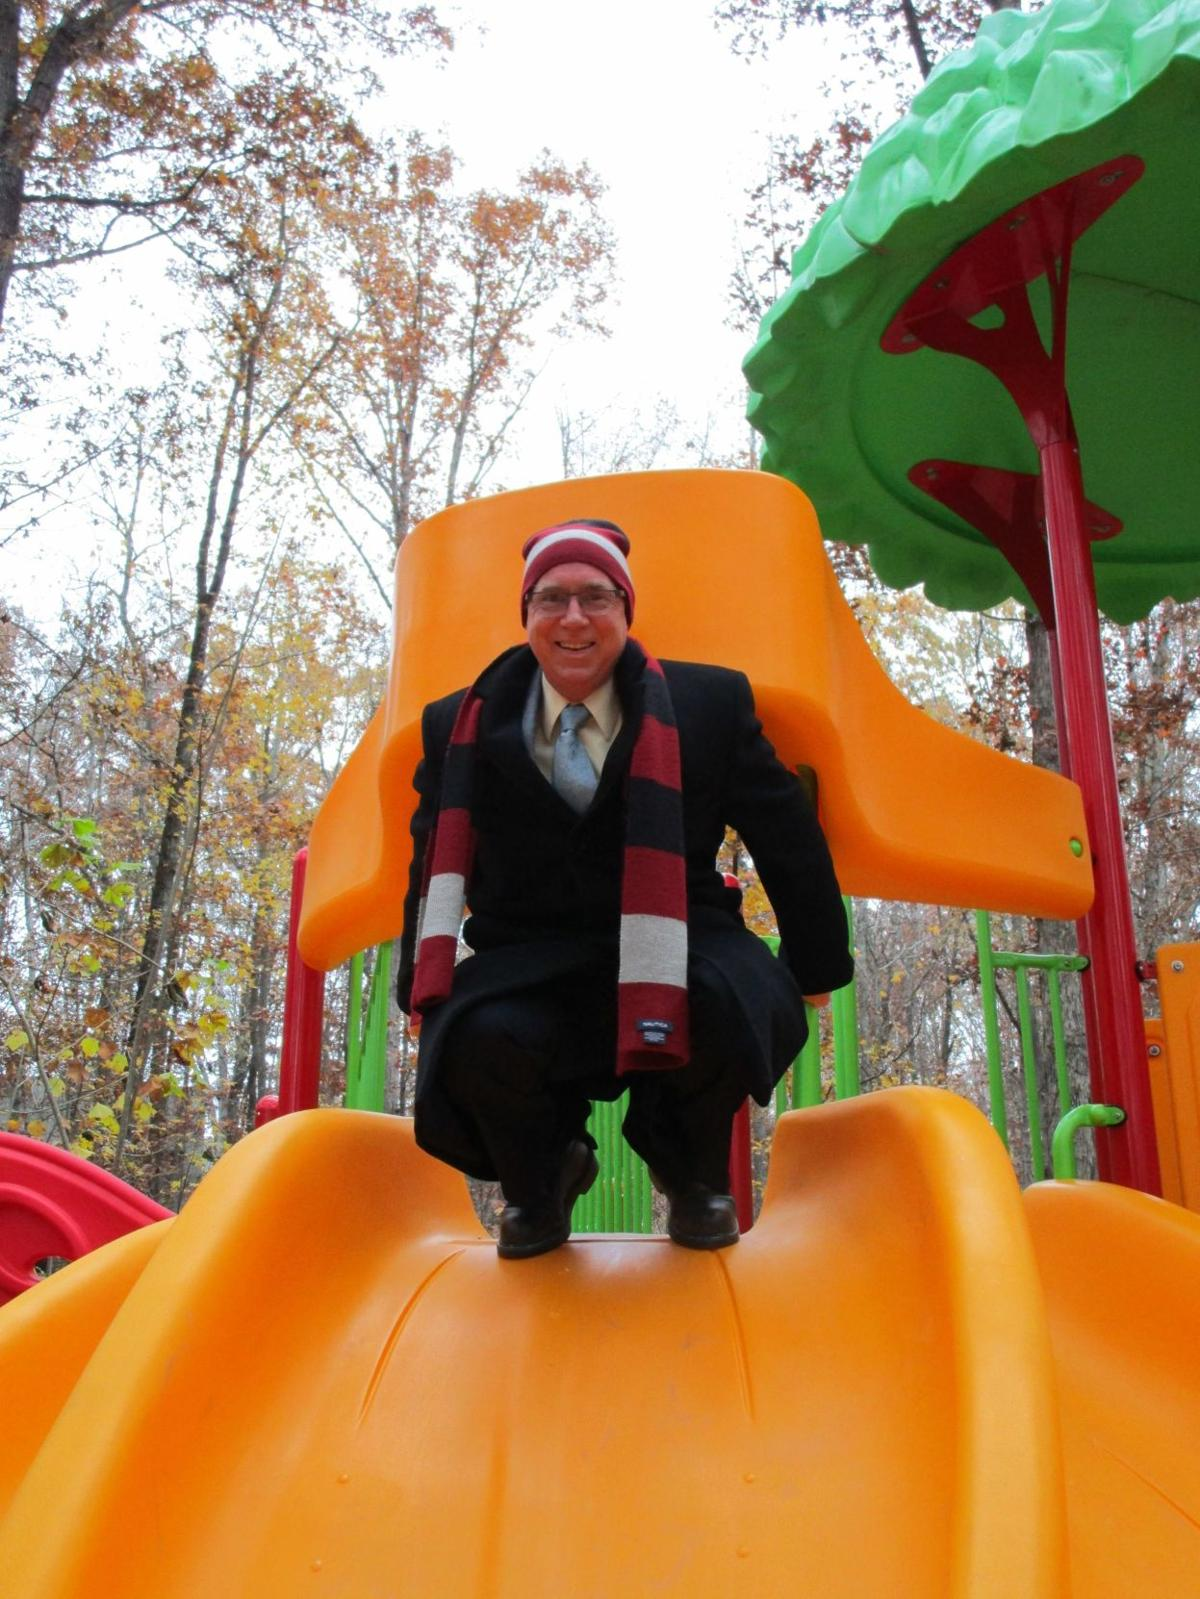 Playground dedicated to memory of Chris Rapp